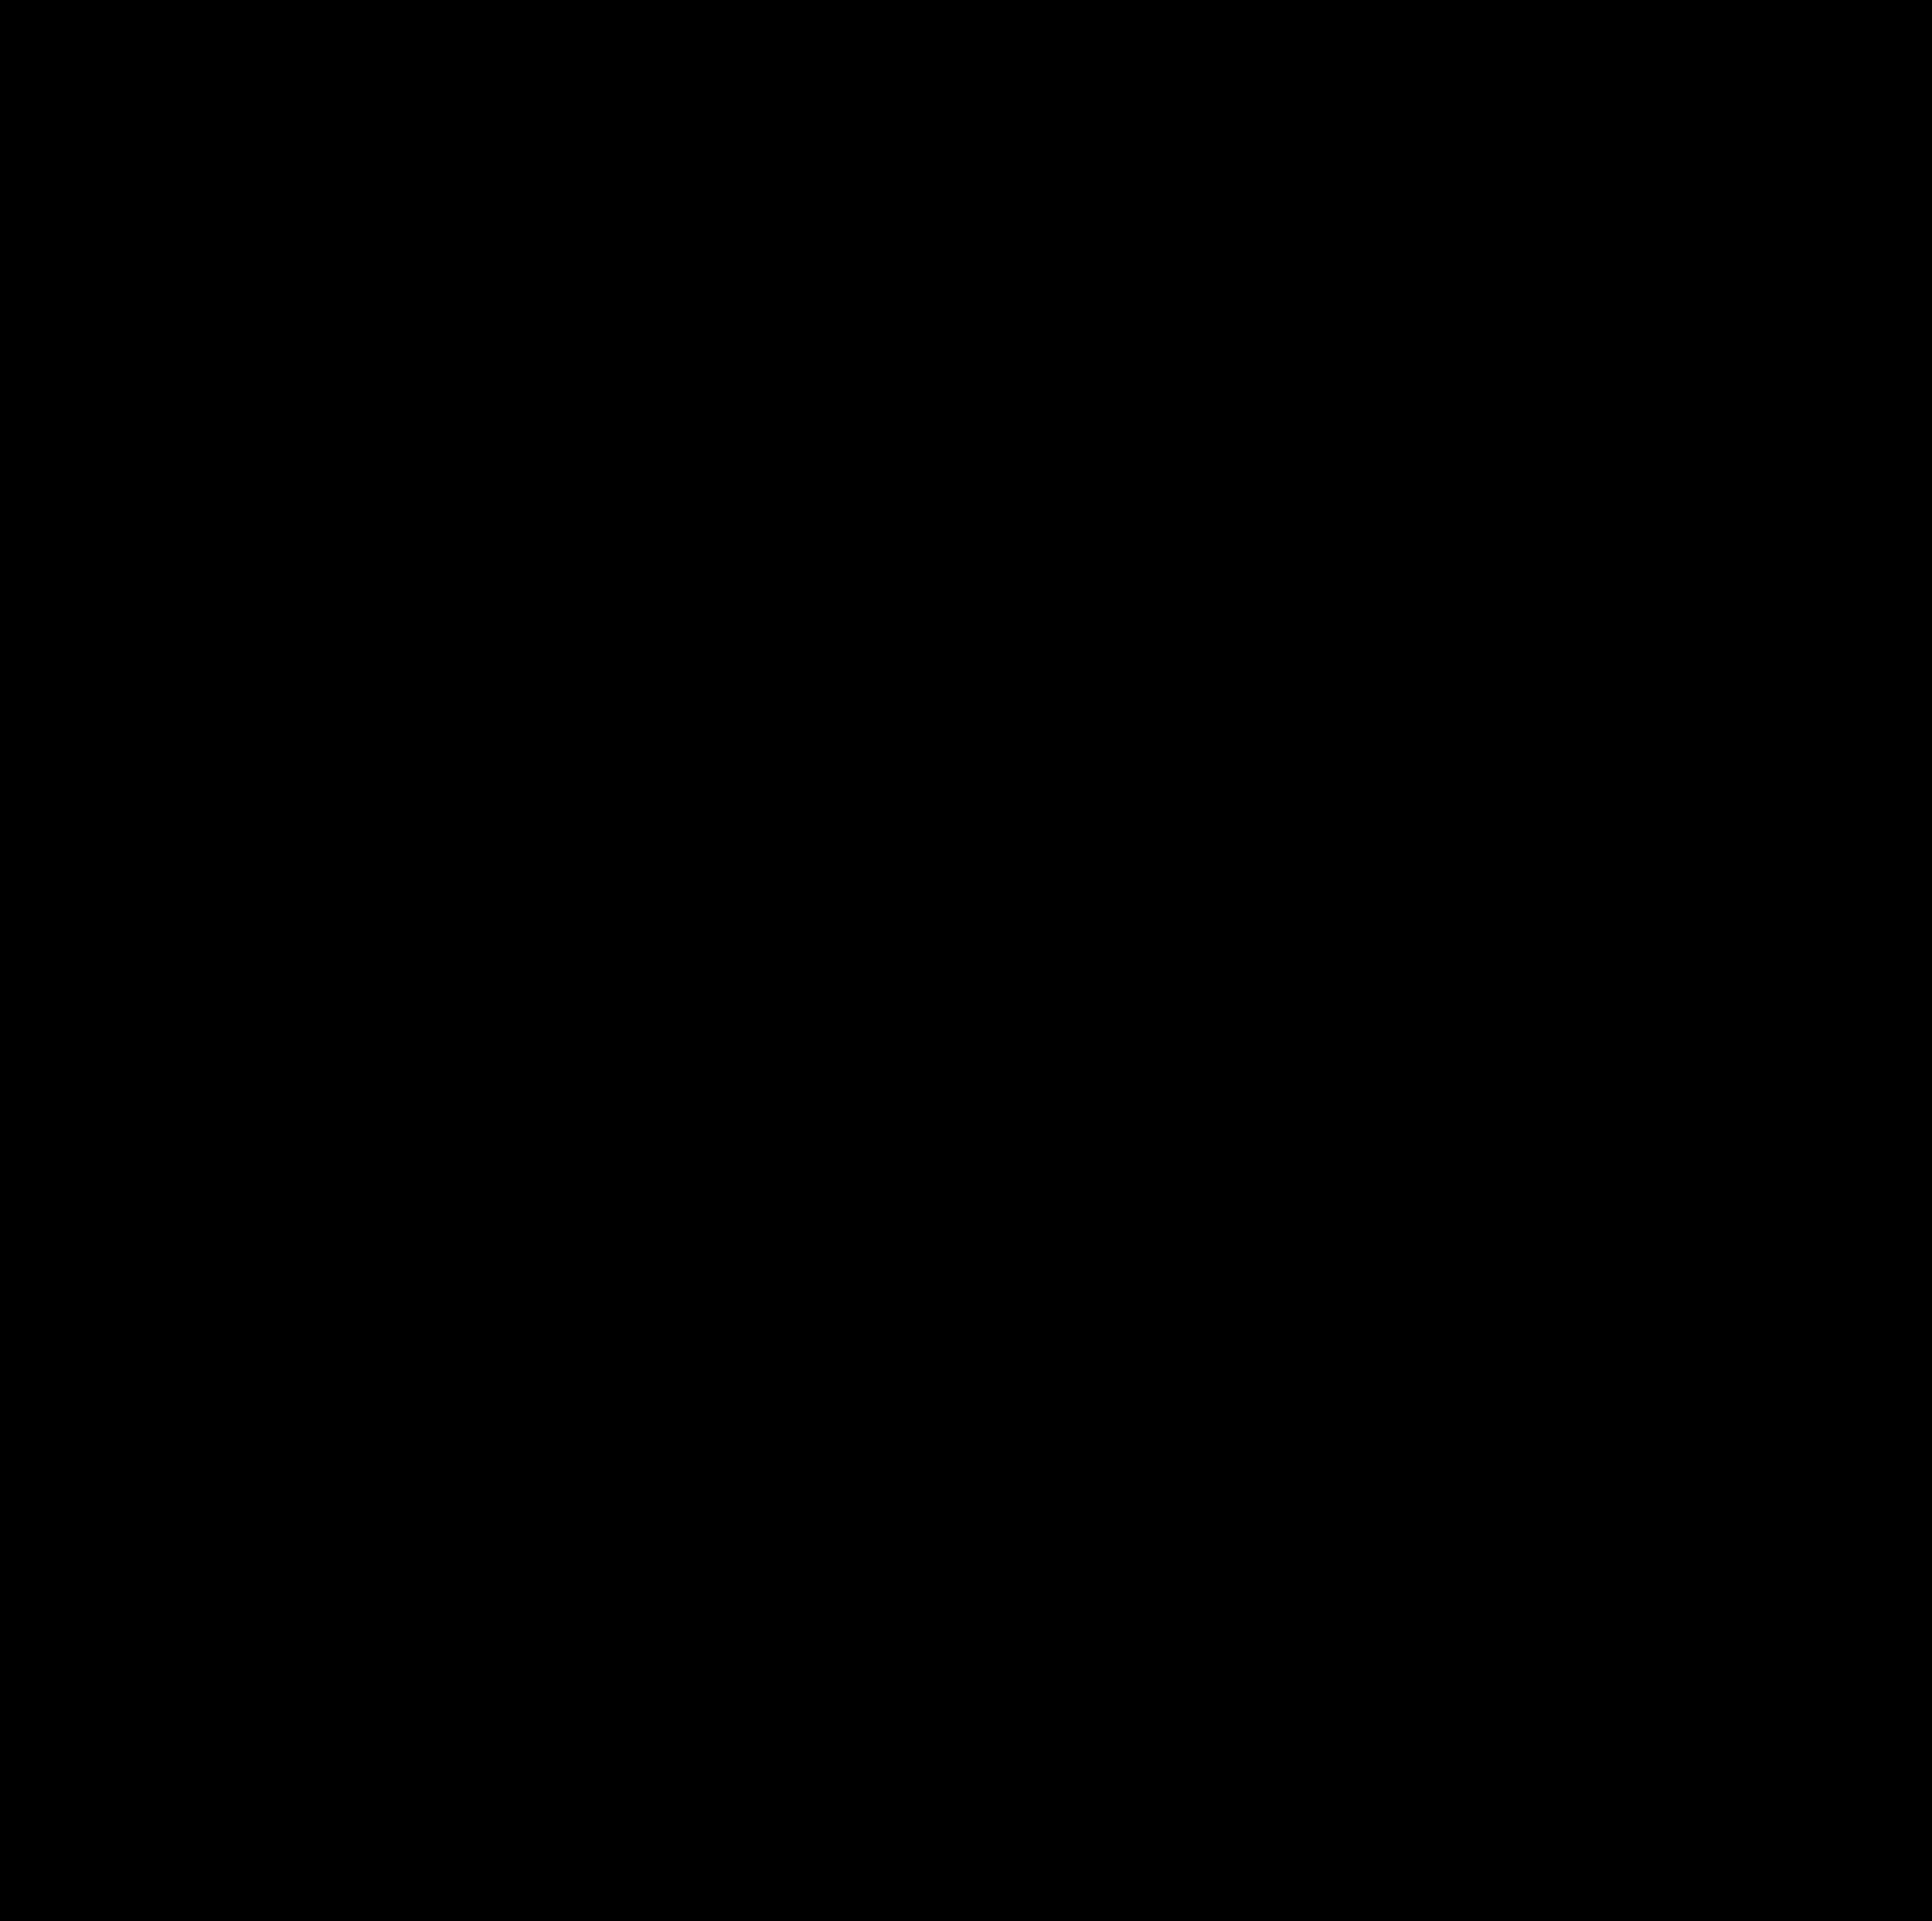 NACU. Certified logo